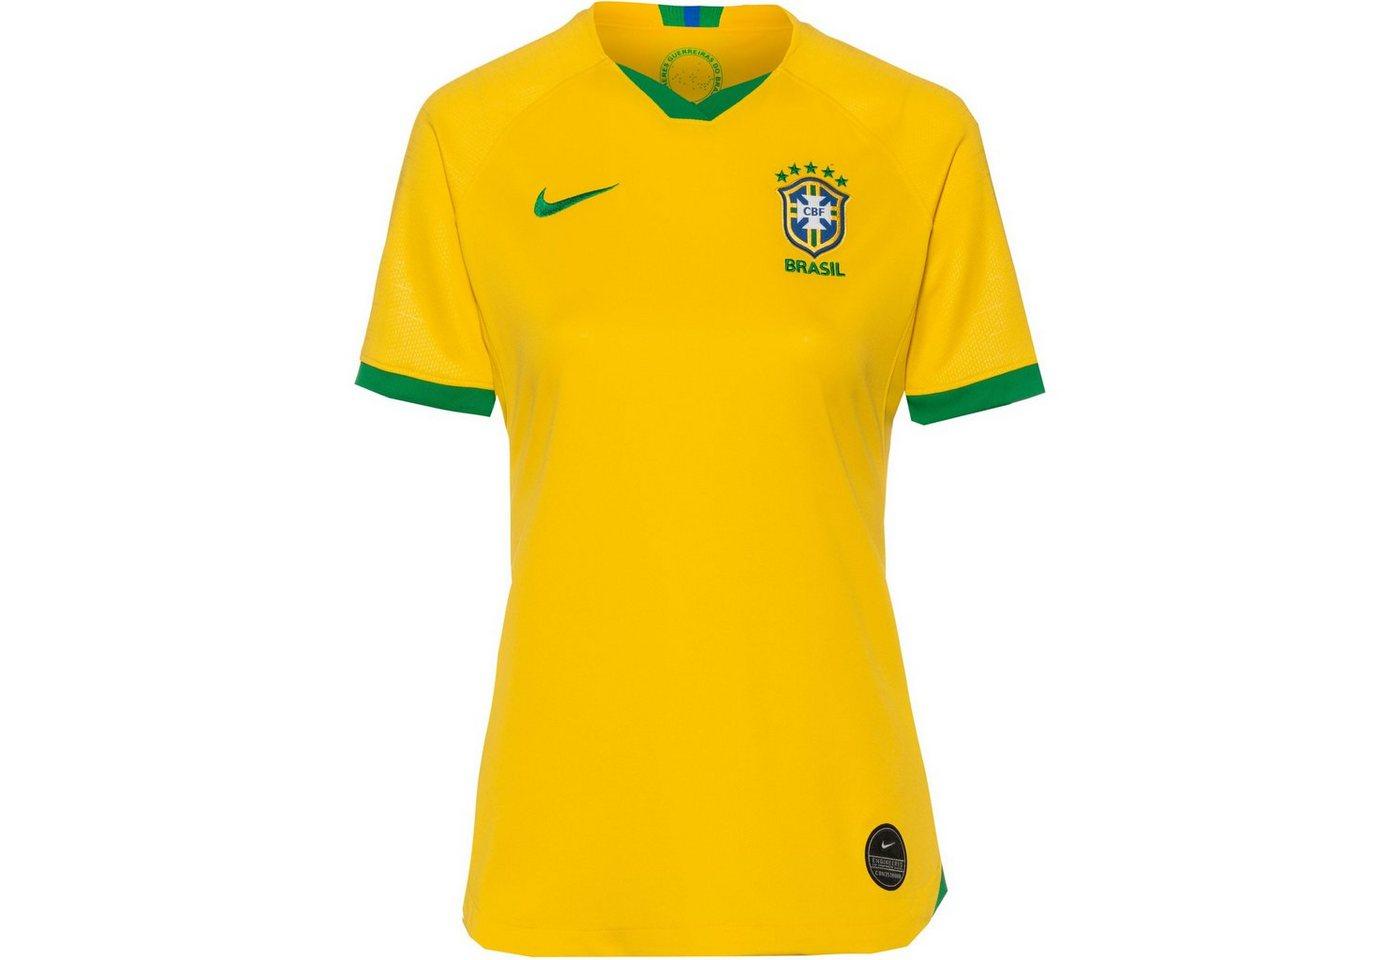 Nike Fußballtrikot »Brasilien 2019 Heim« | Sportbekleidung > Trikots > Fußballtrikots | Gelb | Polyester | Nike